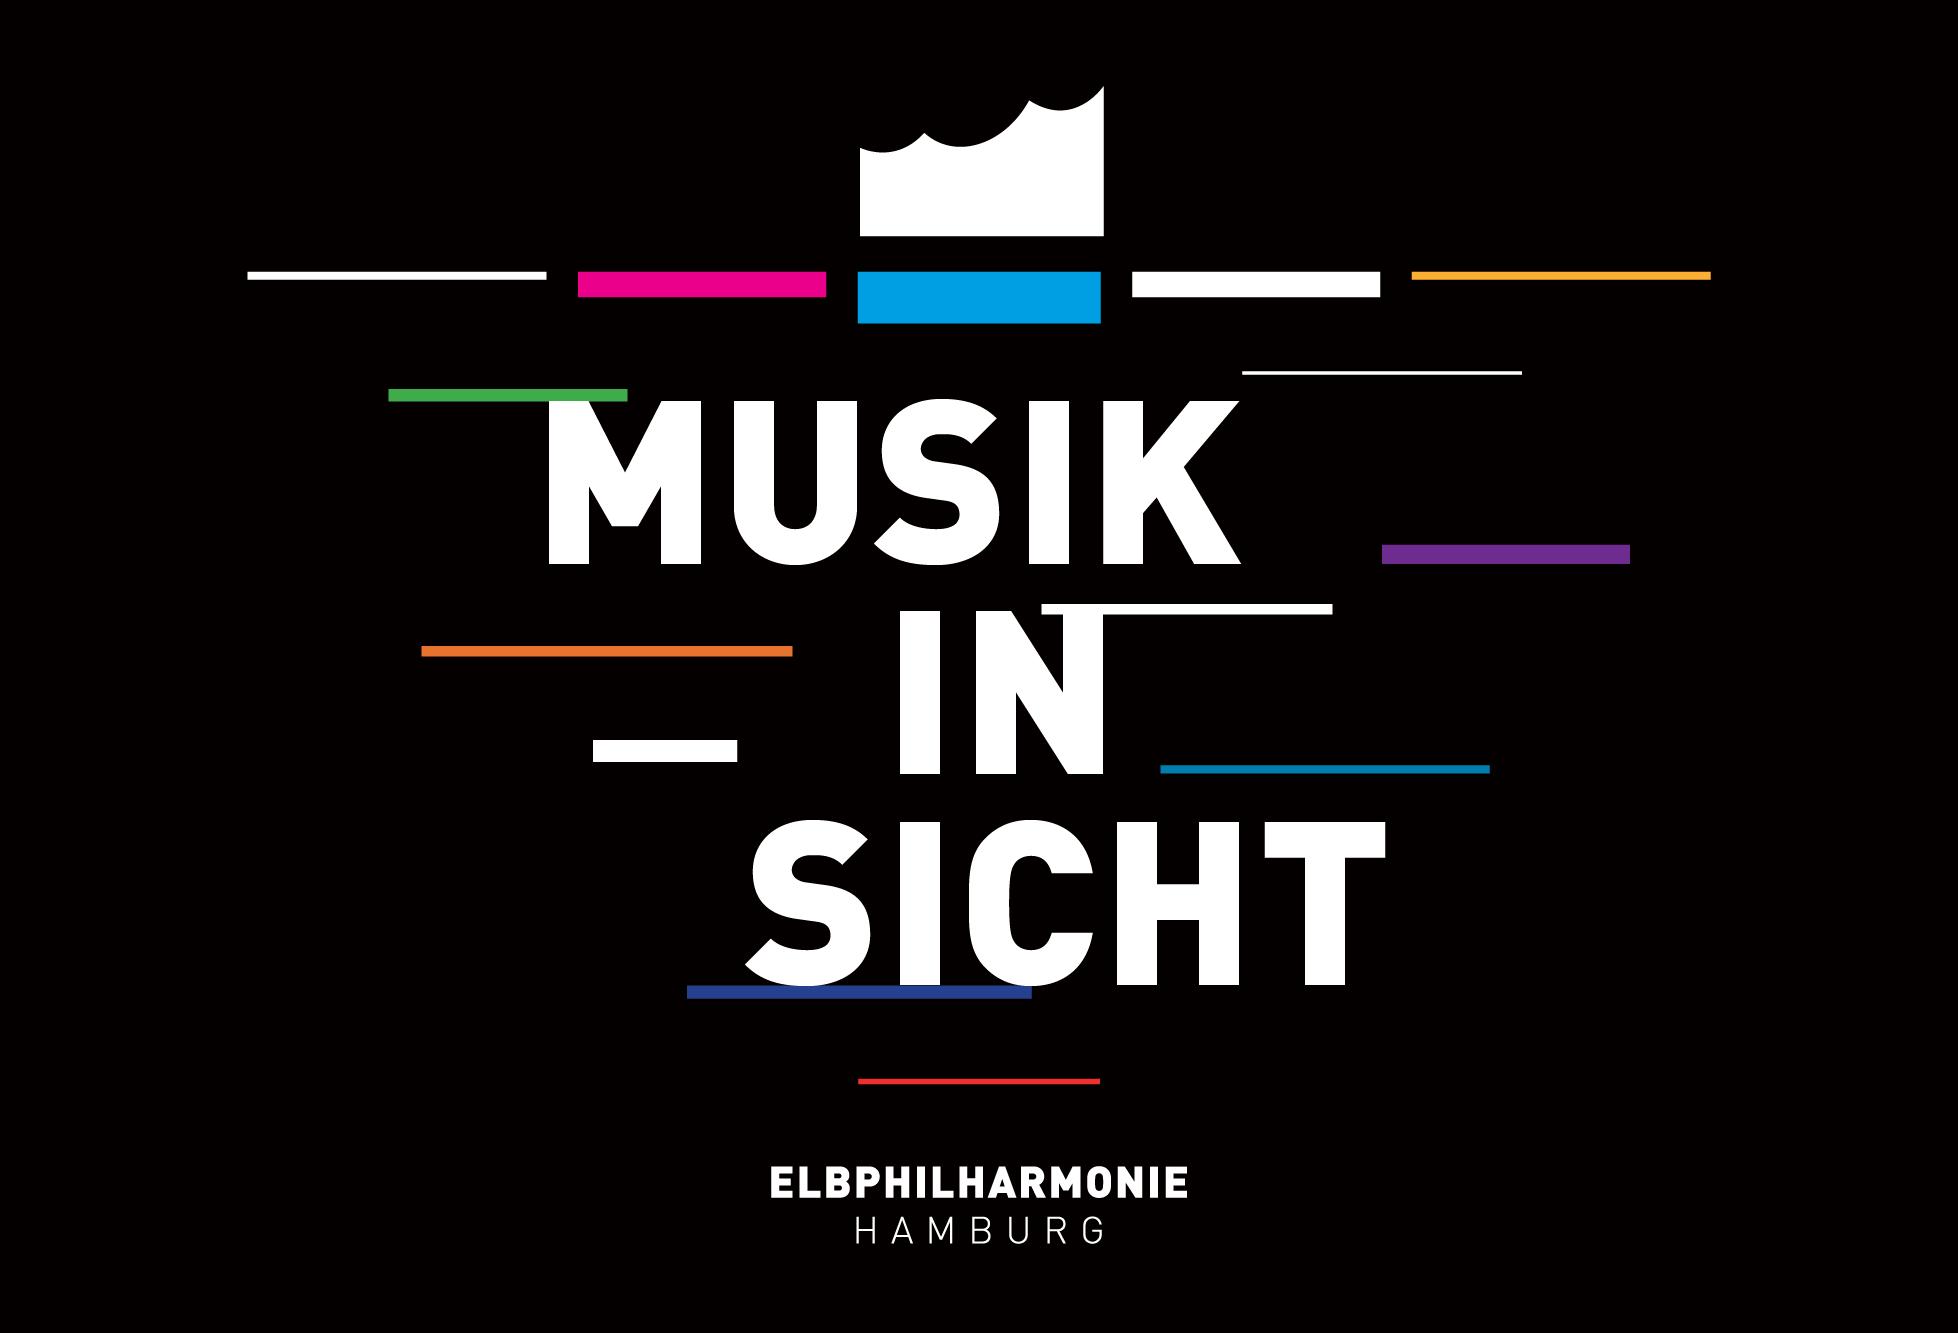 #Hamburg #Elbphilharmonie